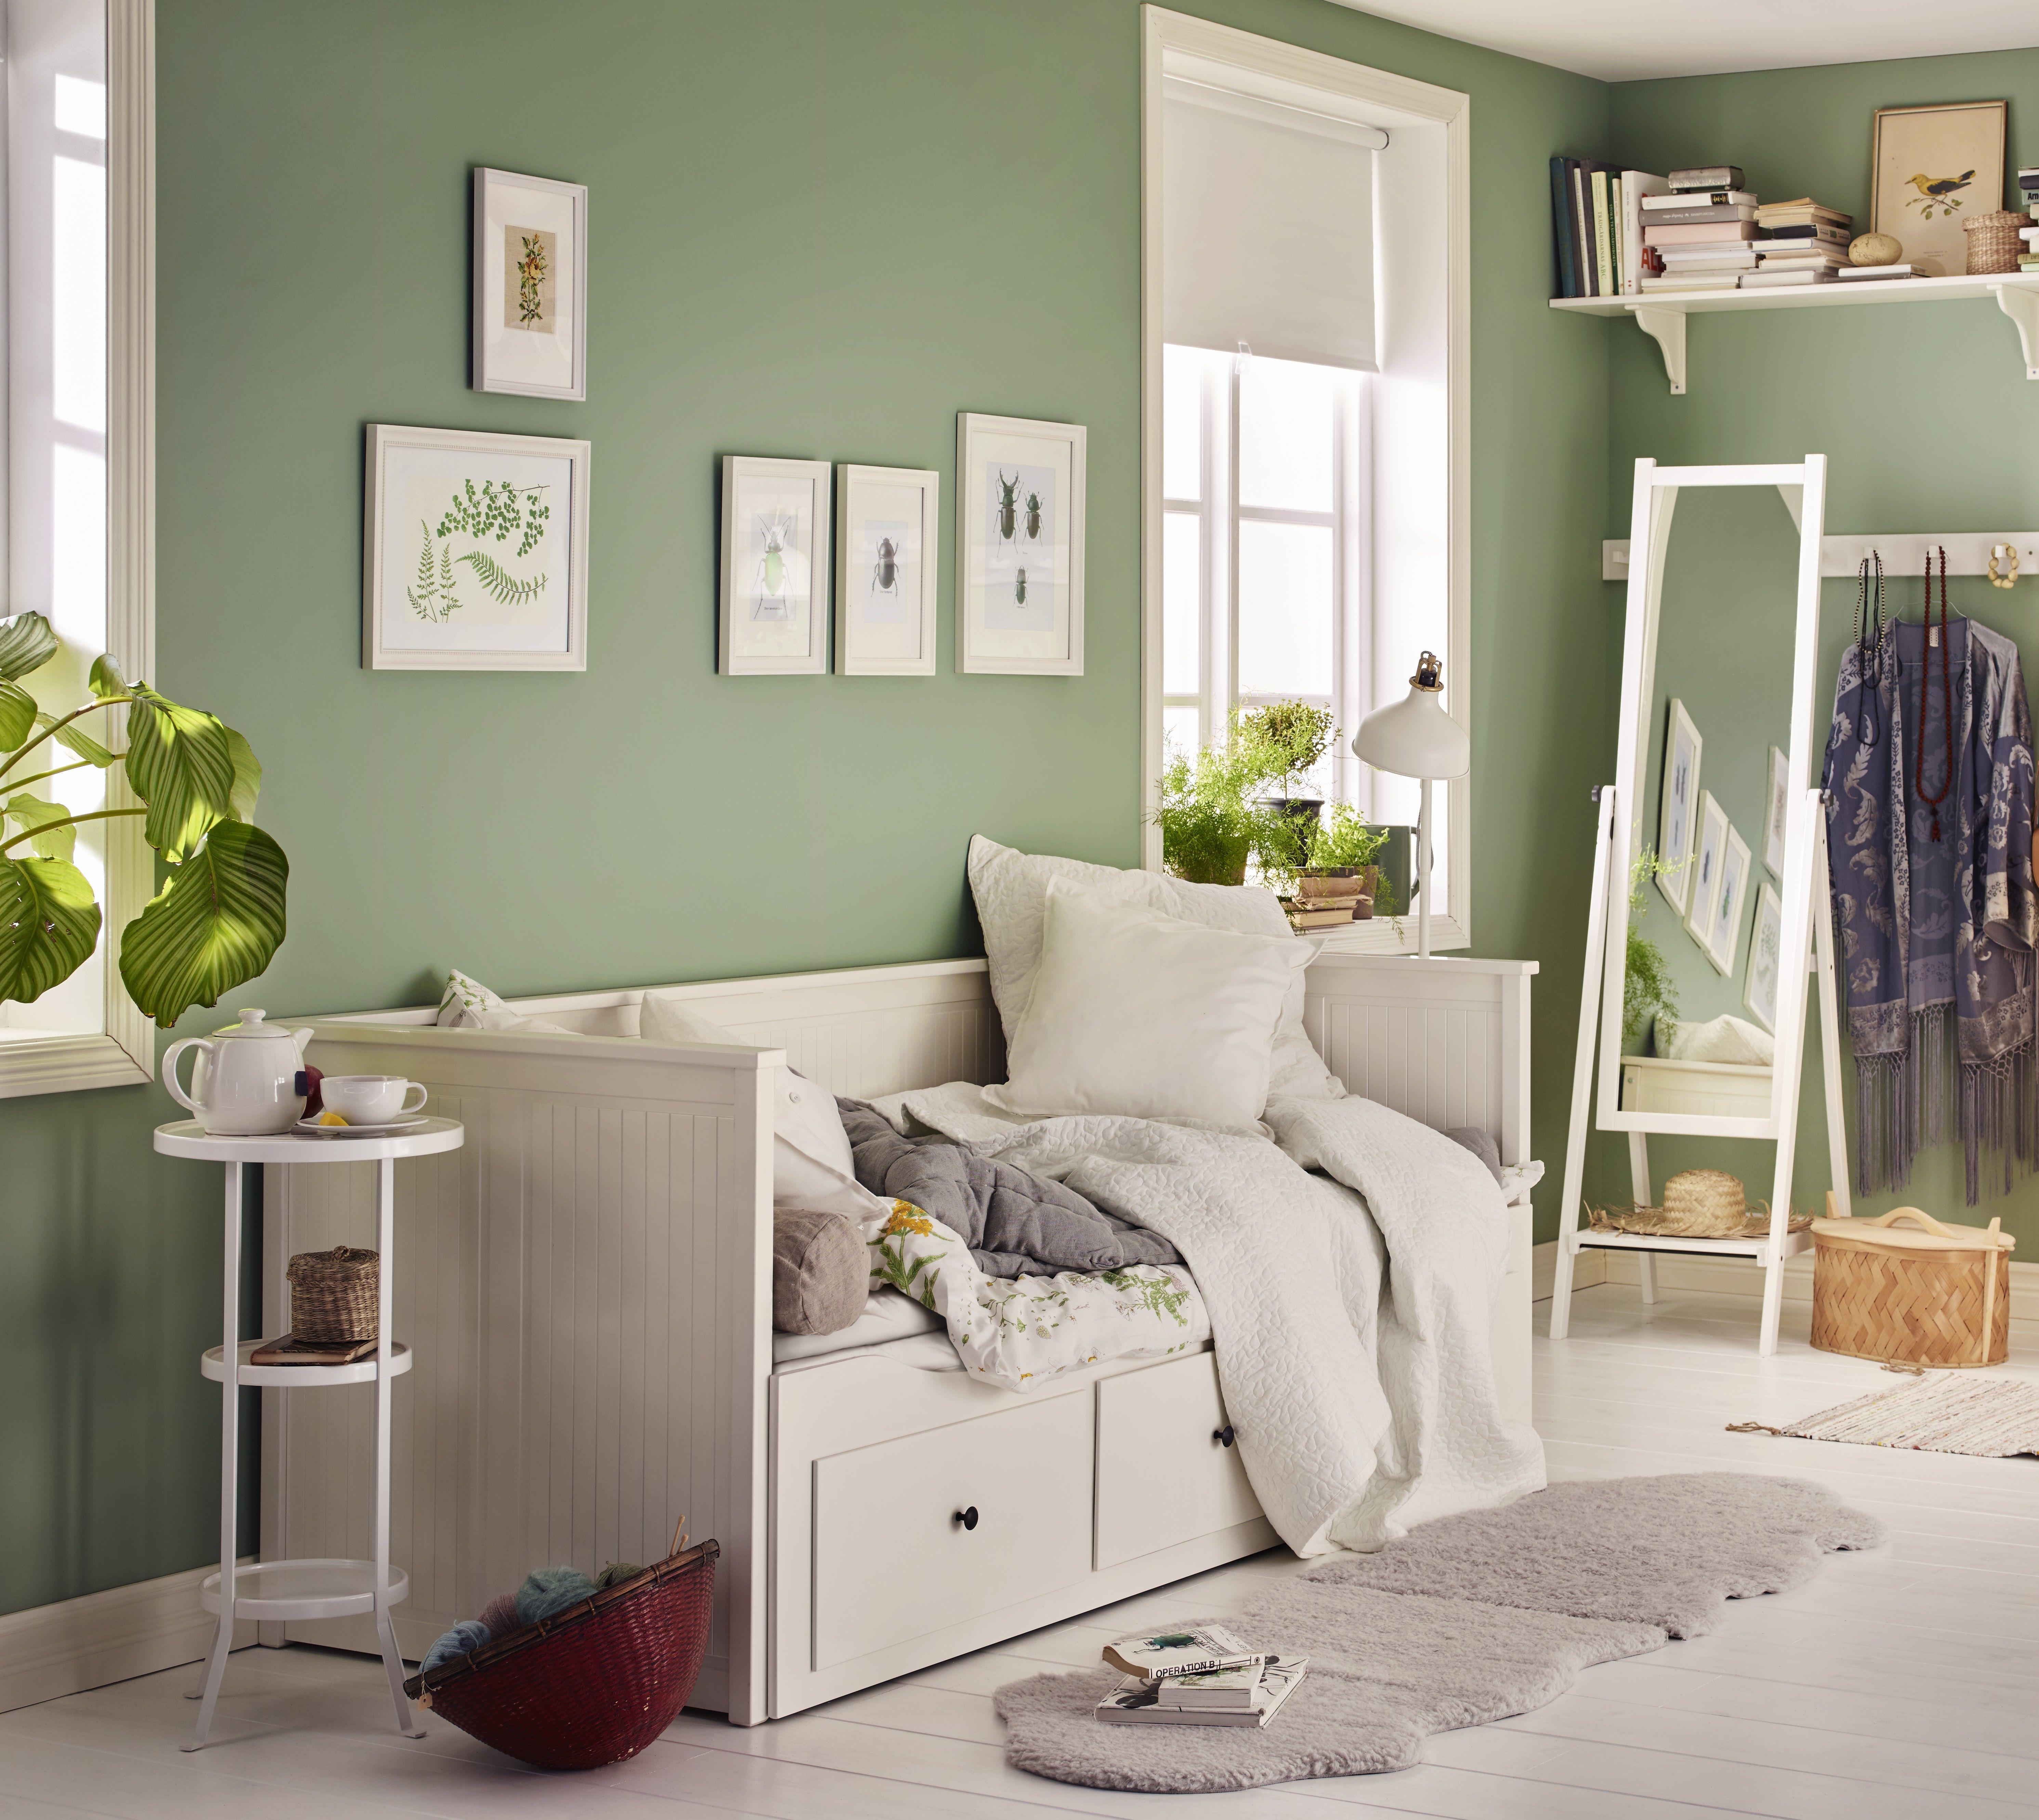 HEMNES bedbank | #IKEA #IKEAnl #slaapkamer #landelijk #wit ...